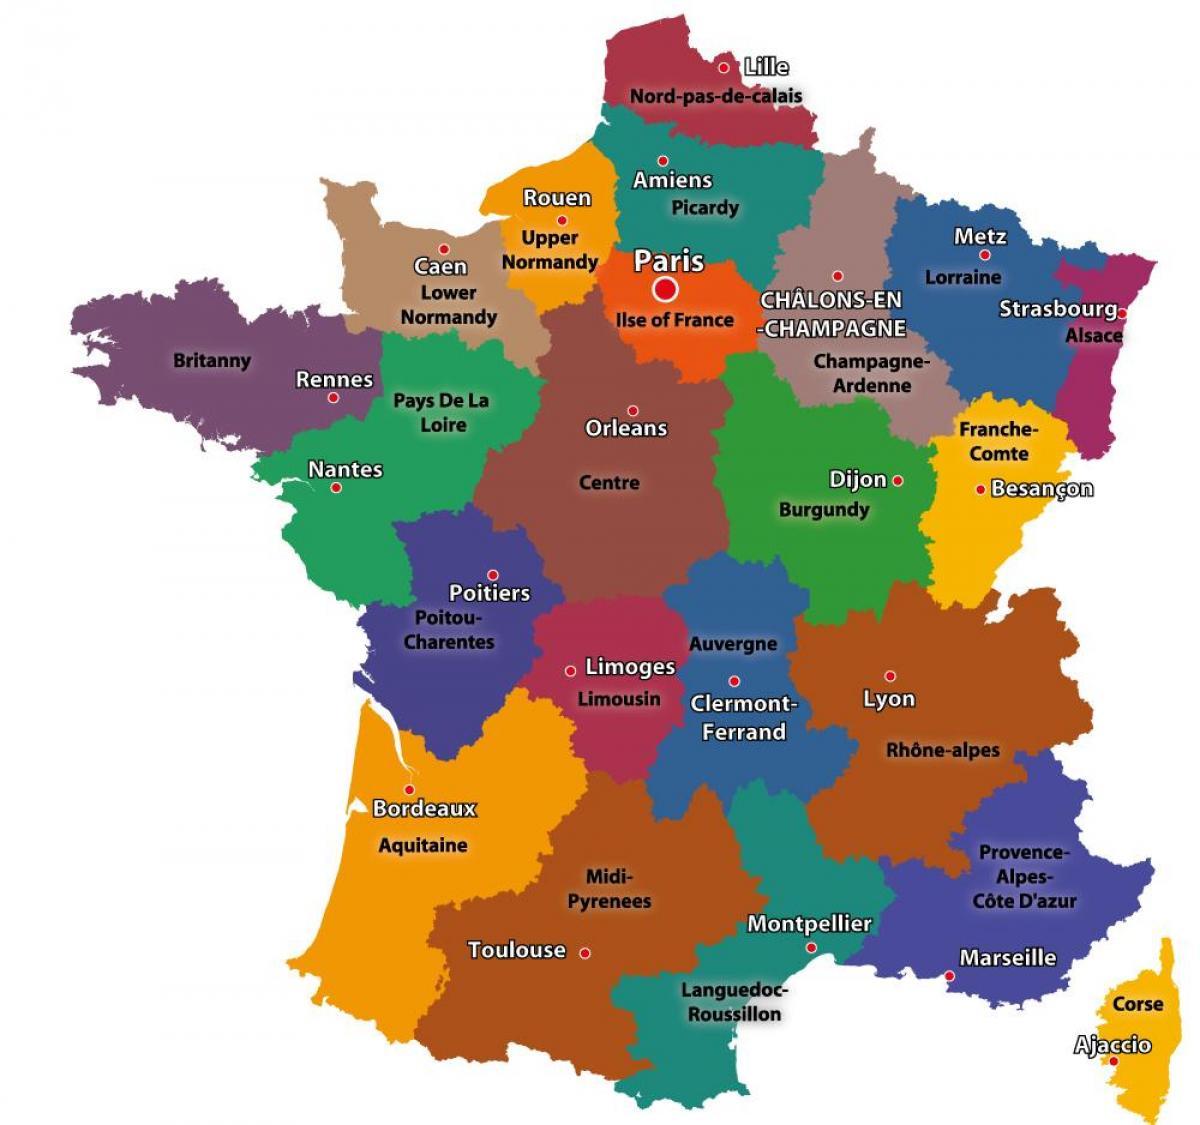 Kort Over Frankrig Der Viser Paris Kort Over Frankrig Og Paris